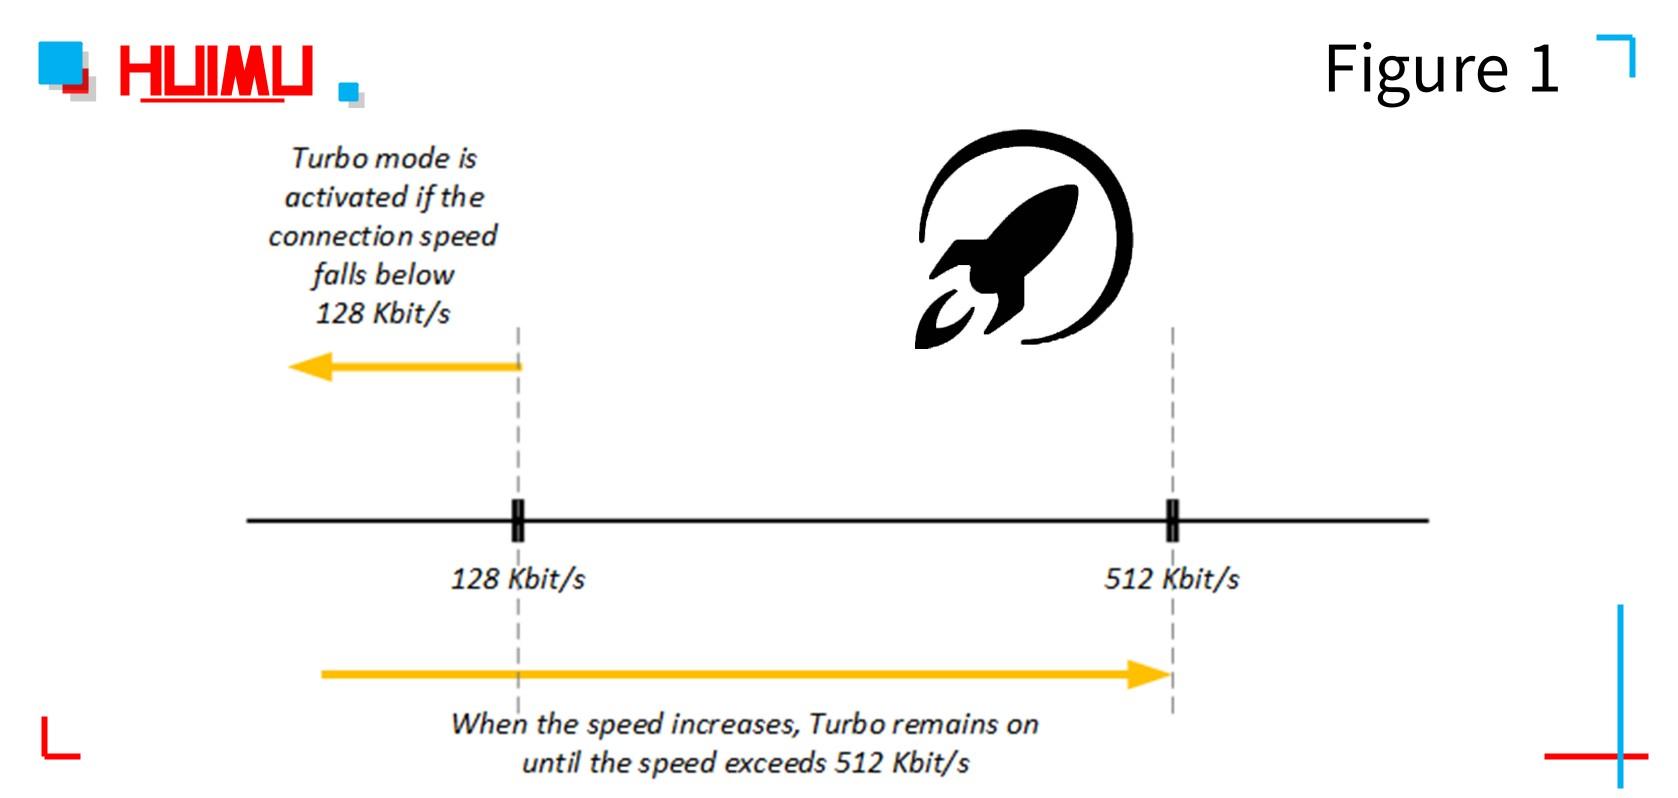 Two_thresholds_that_determine_when_Turbo_mode│HUIMULTD